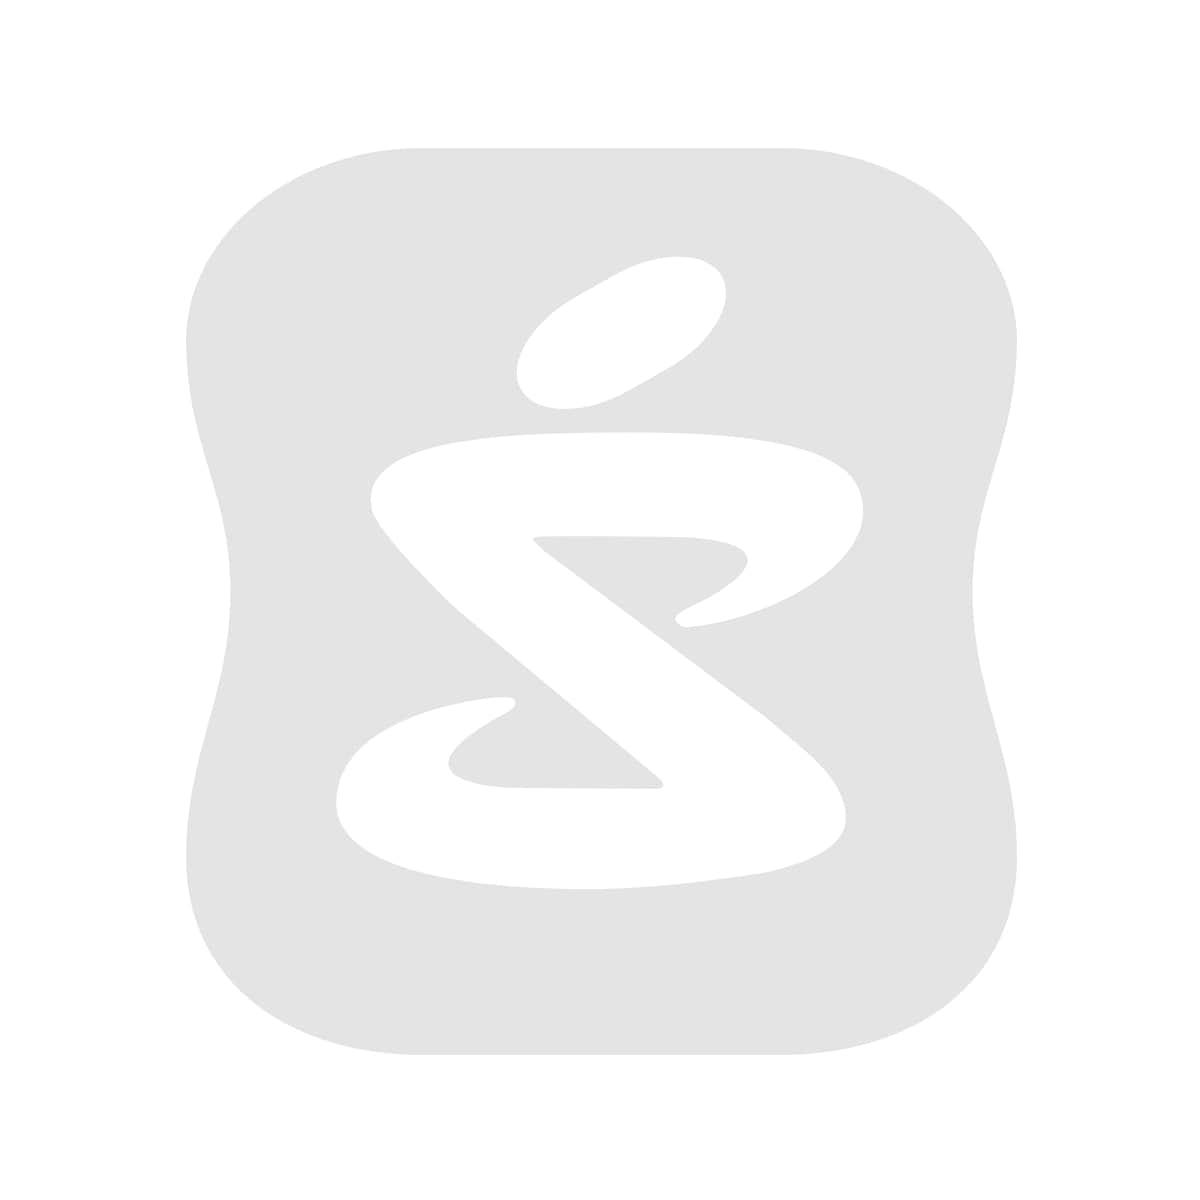 Gillette Fusion5 ProGlide Power